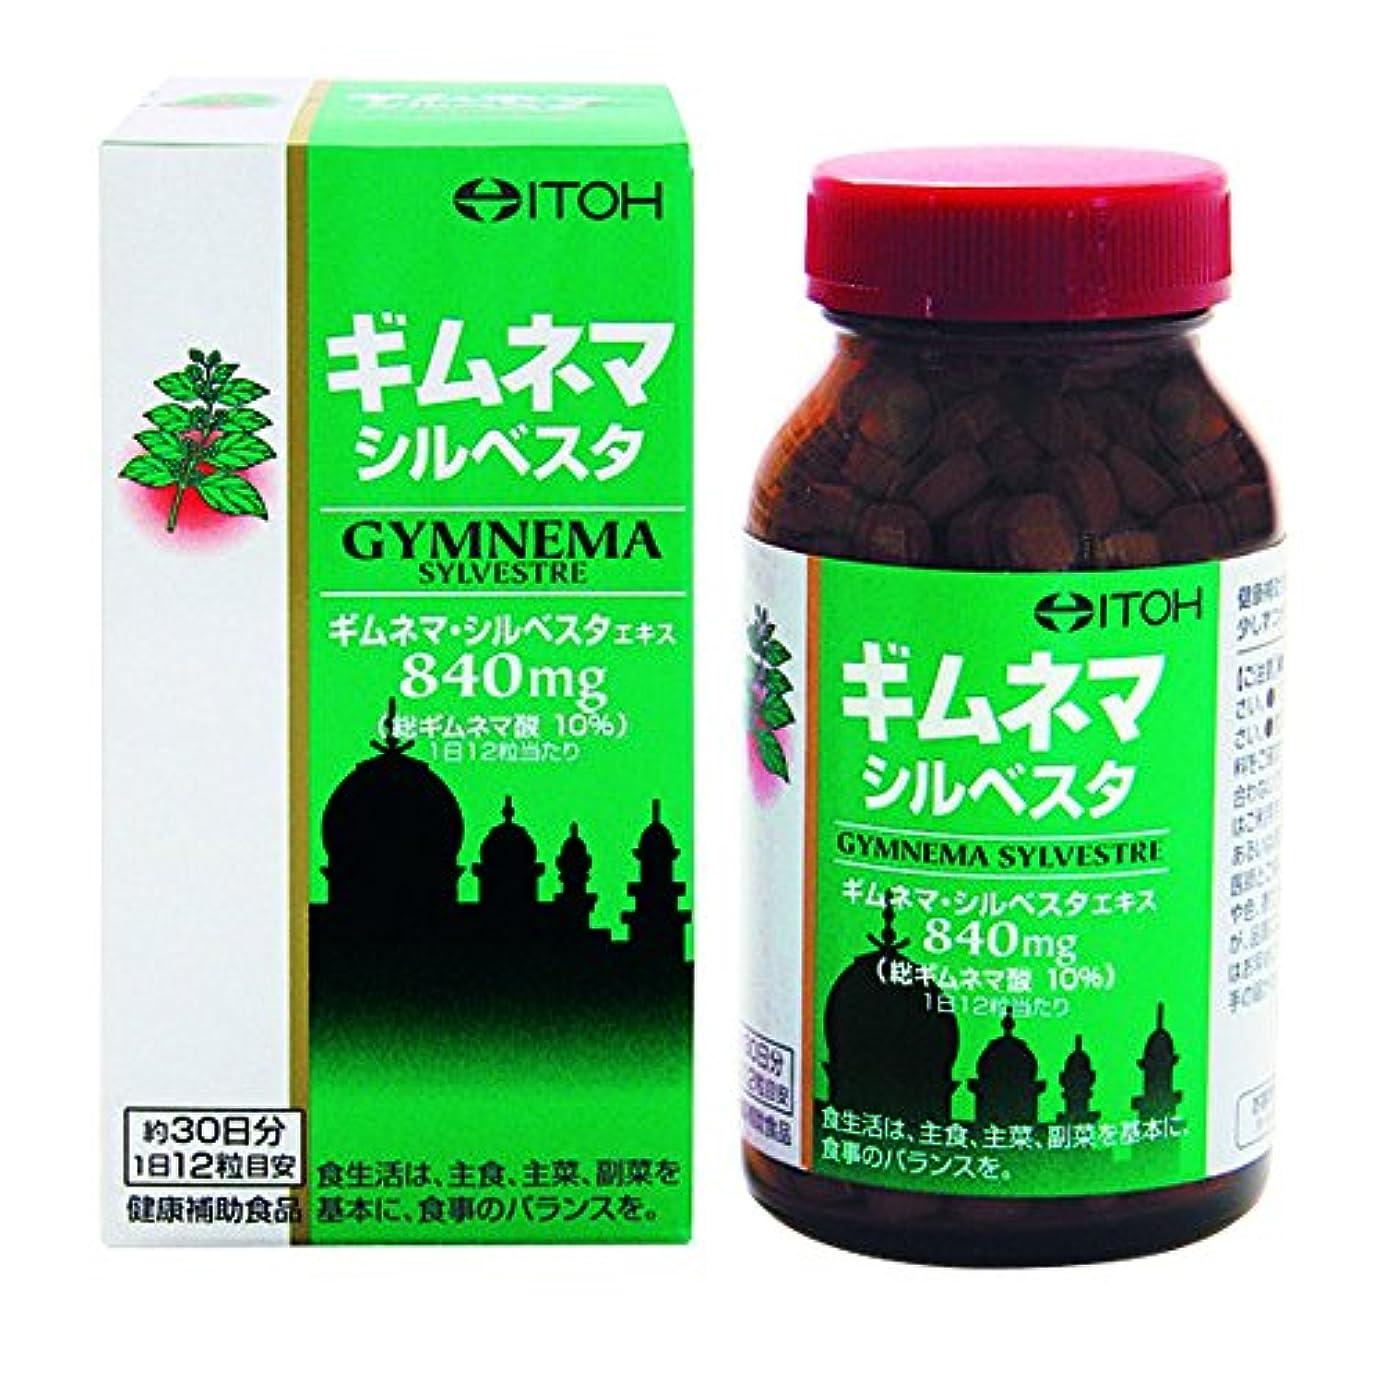 範囲デイジーキウイ井藤漢方製薬 ギムネマ・シルベスタ 約30日 250mgX360粒